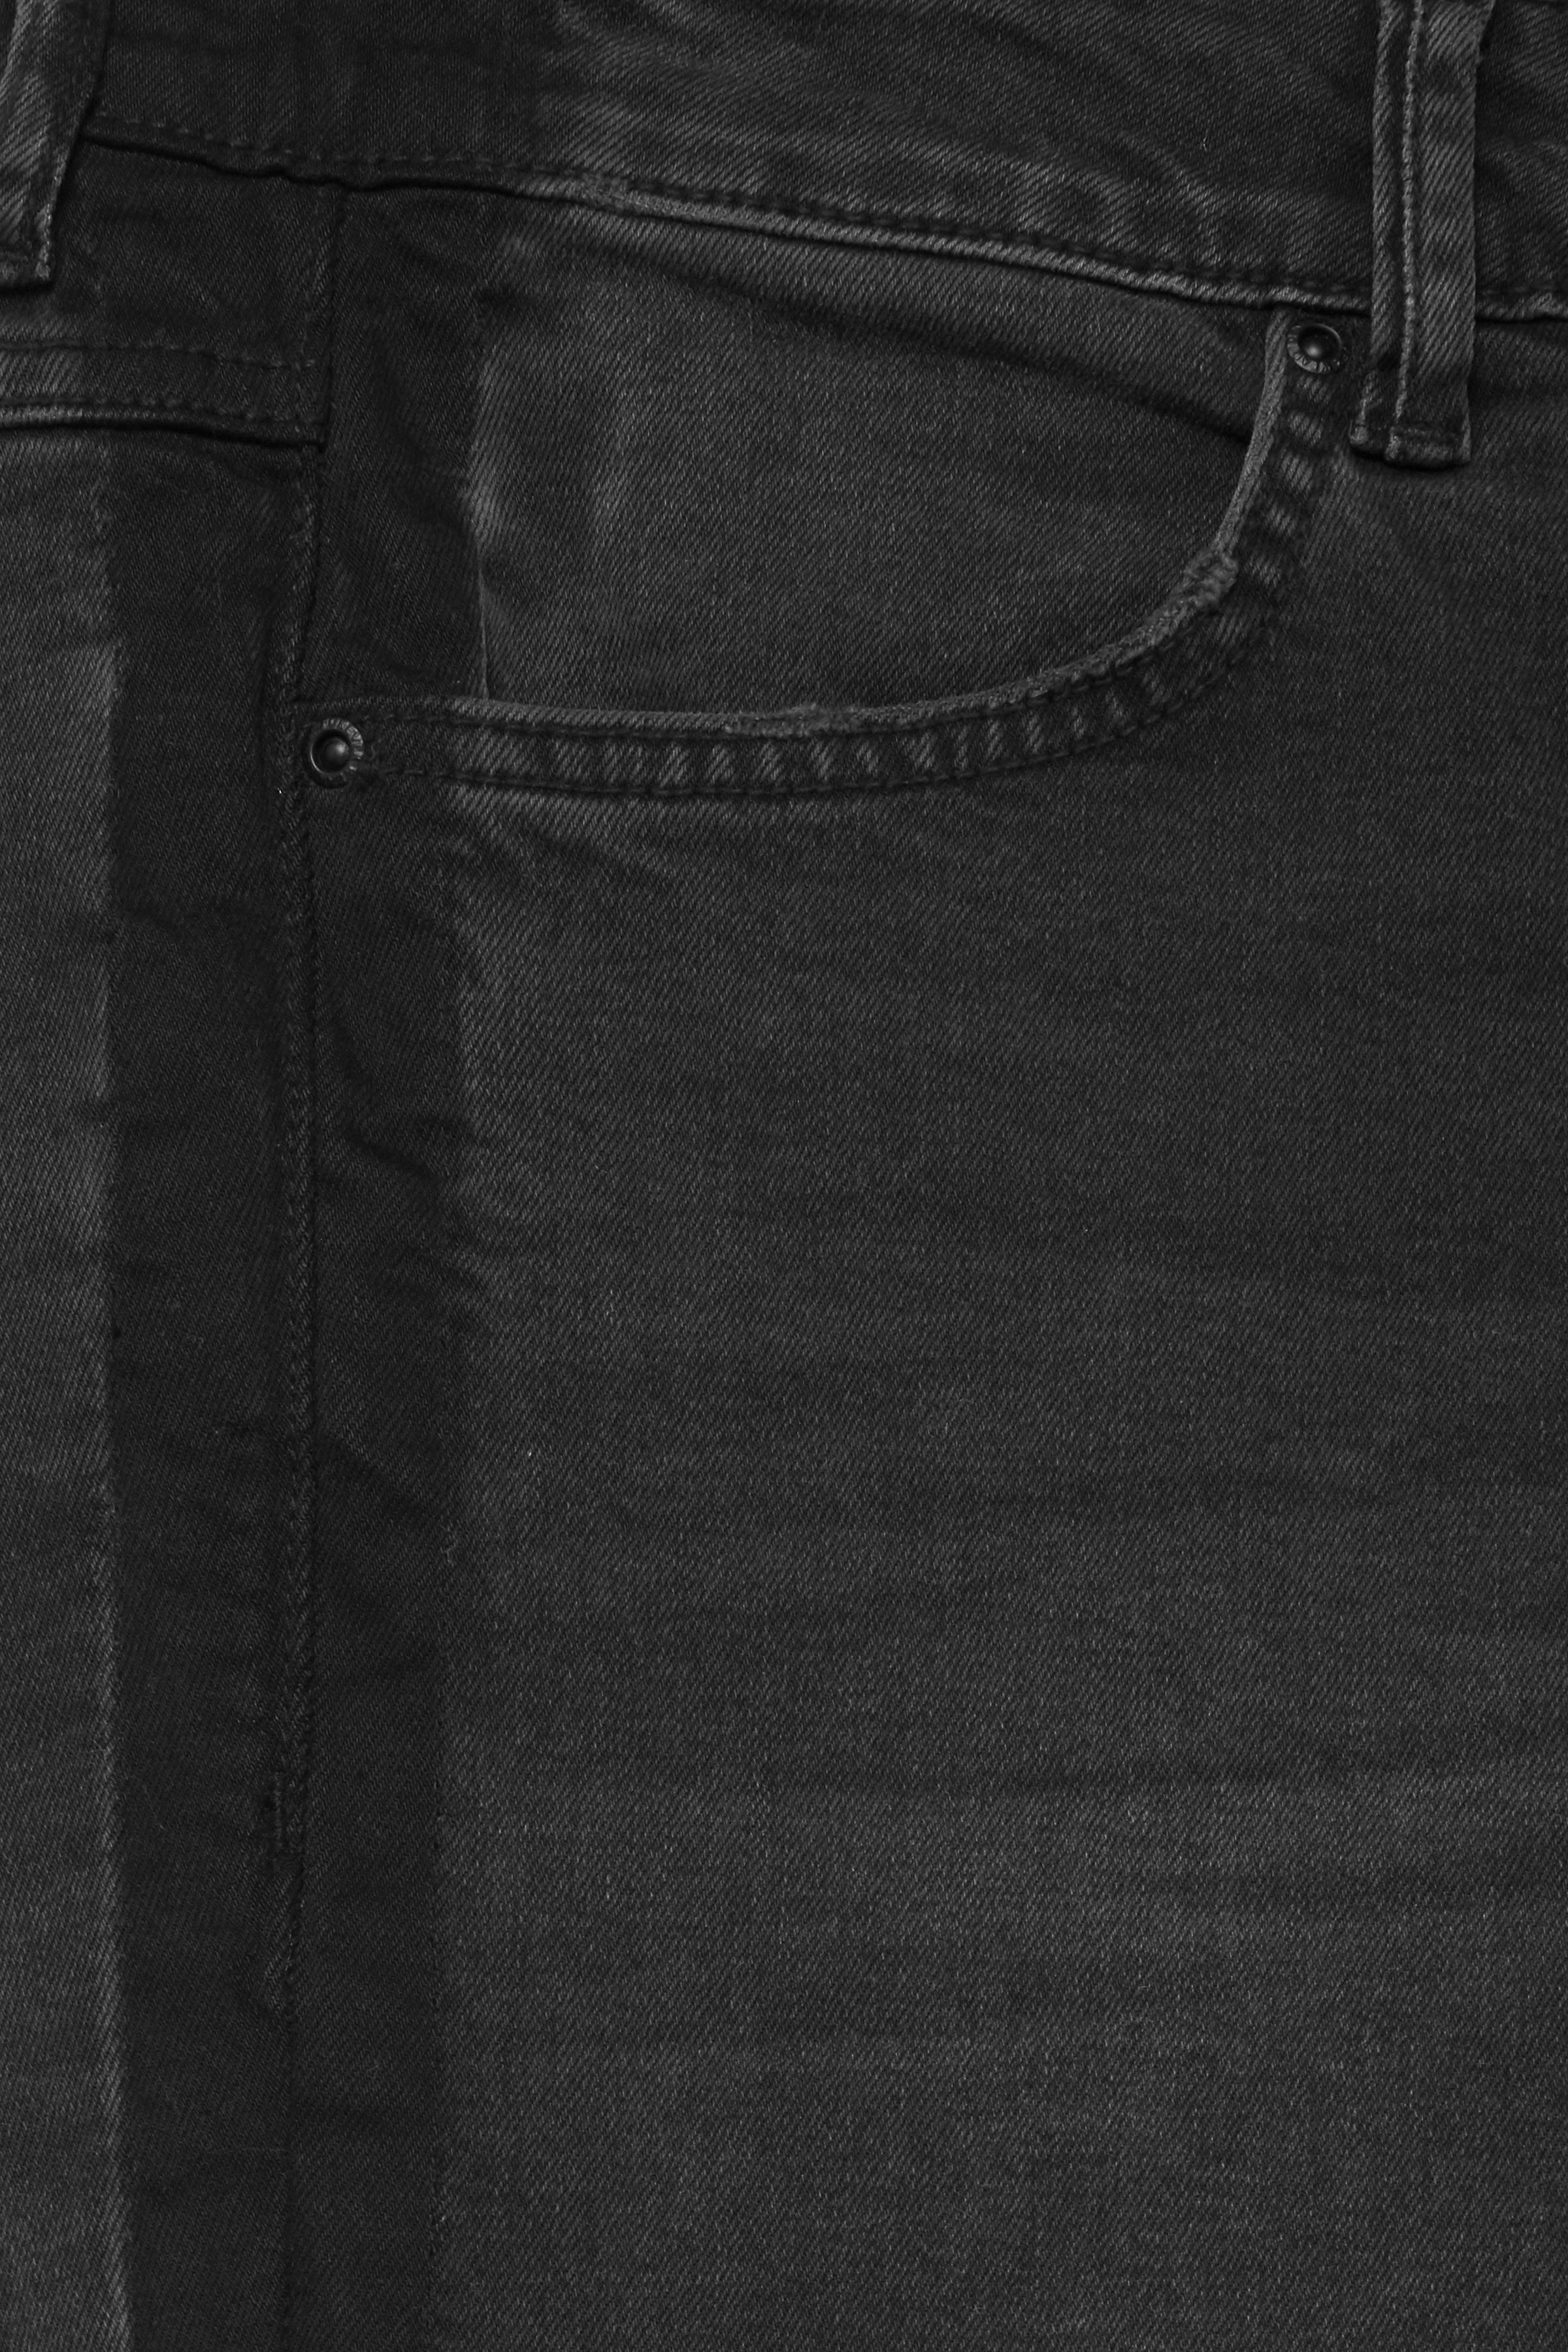 Black denim Jeans von b.young – Kaufen Sie Black denim Jeans aus Größe 26-34 hier